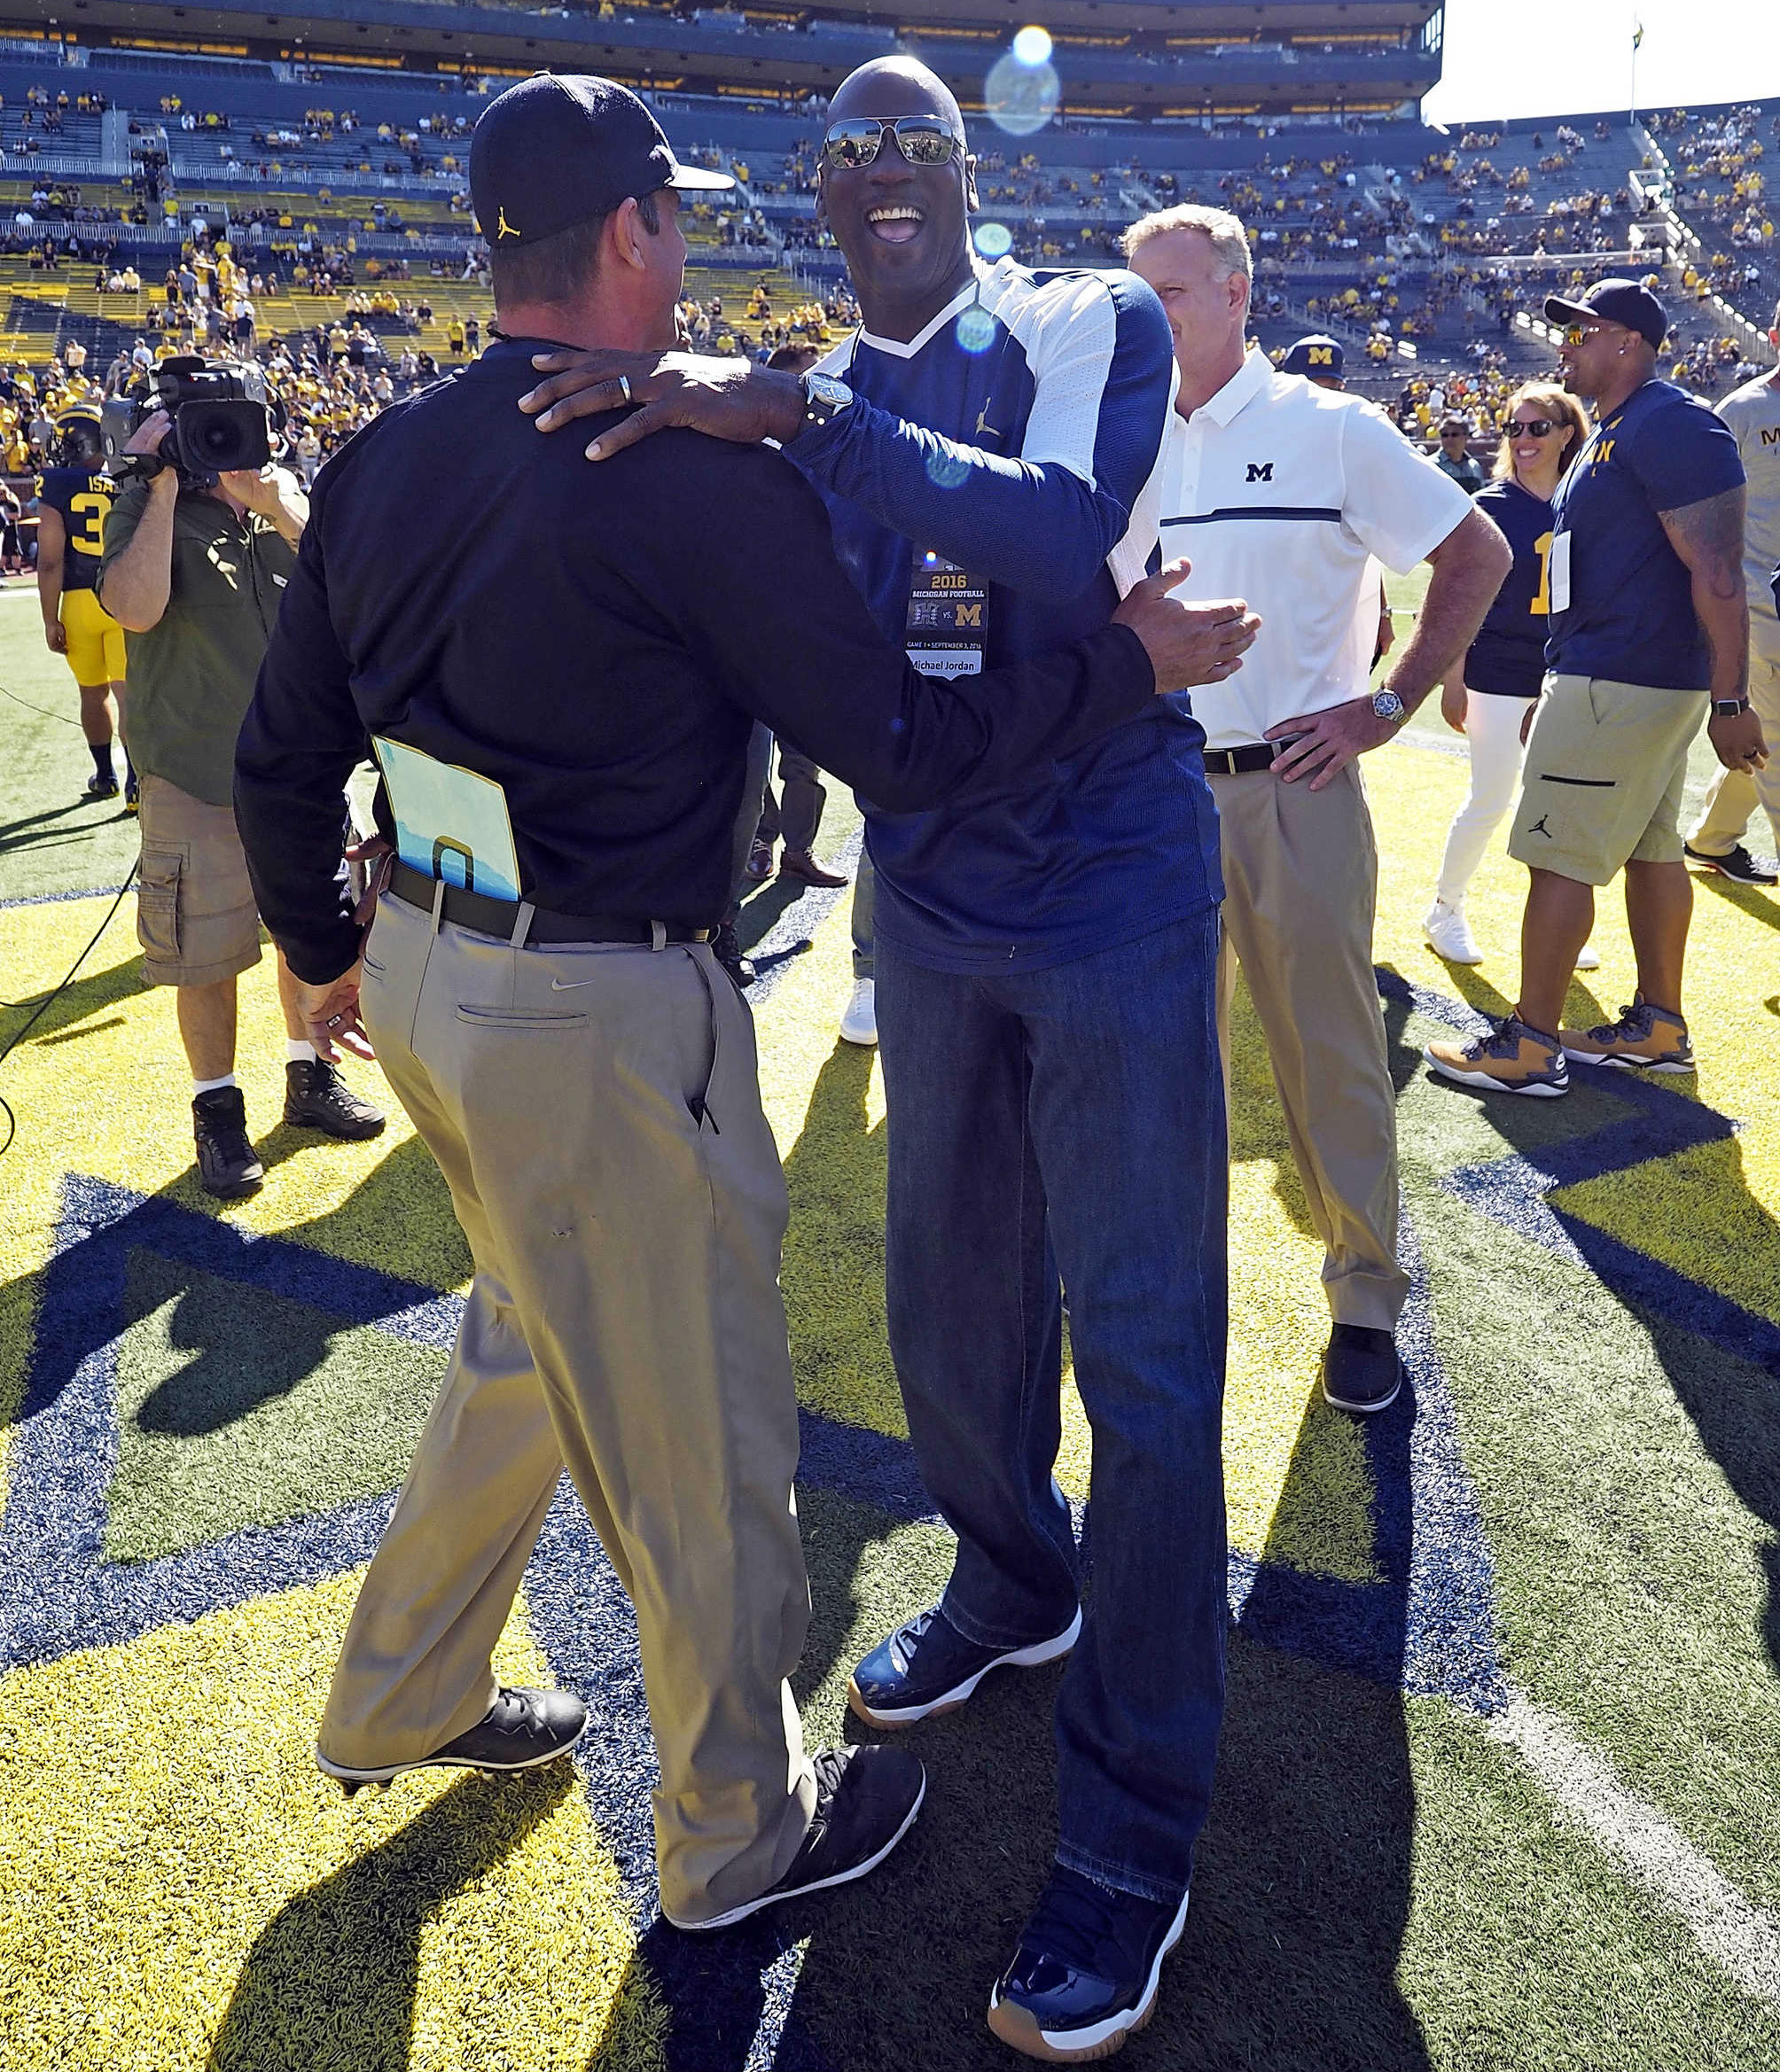 Michael Jordan Wearing the Navy/Gum Air Jordan 11 Low at the Michigan Game